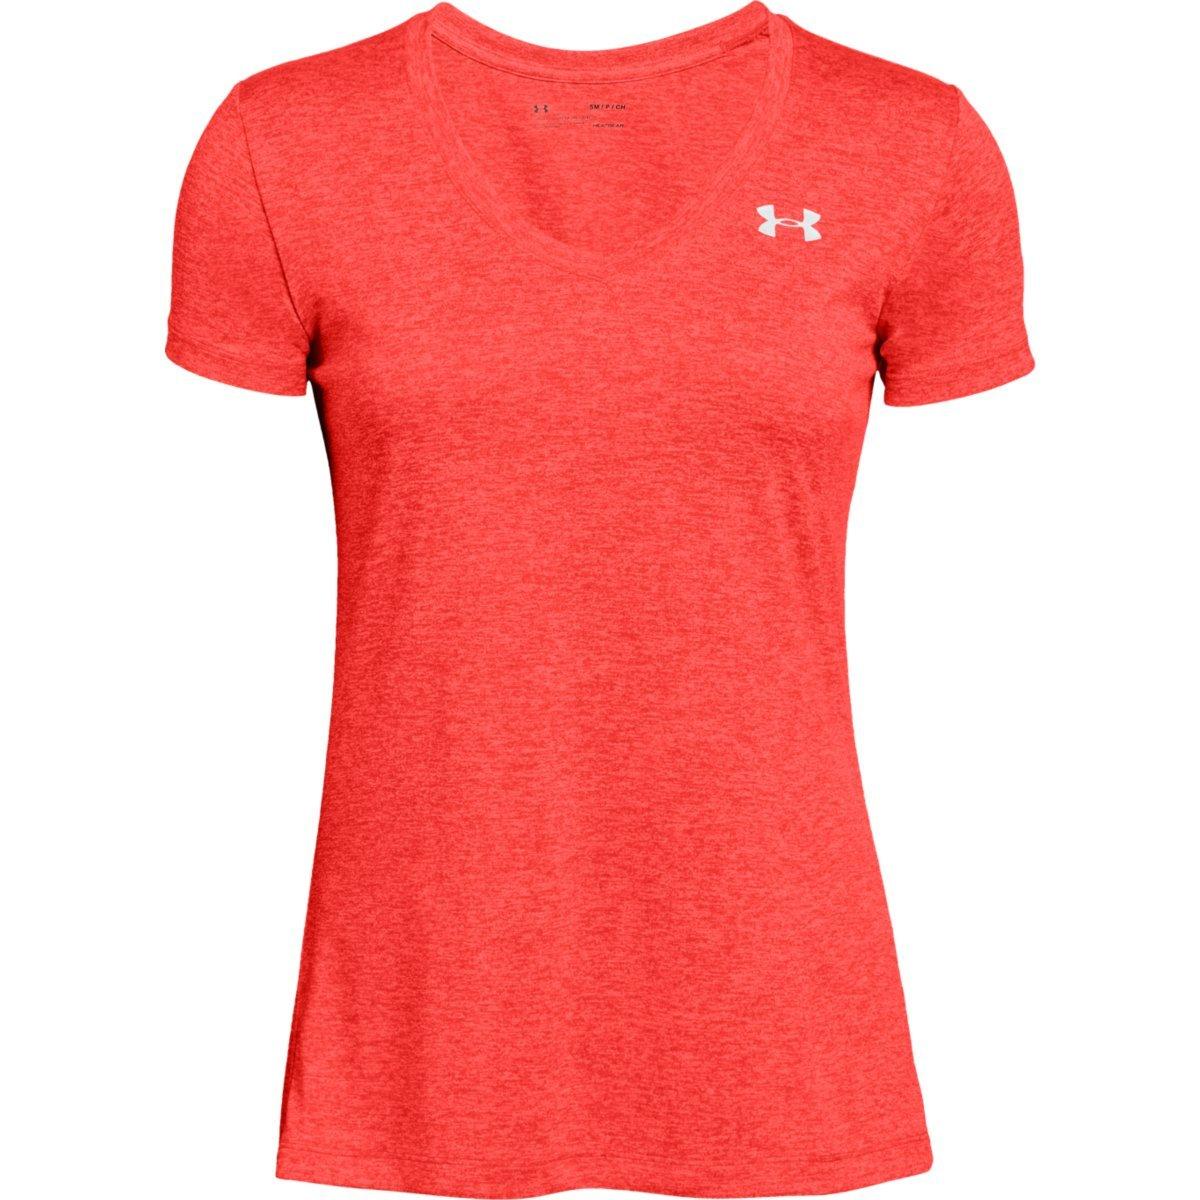 Under Armour Women's Tech Twist V-Neck Tee - Orange, XL